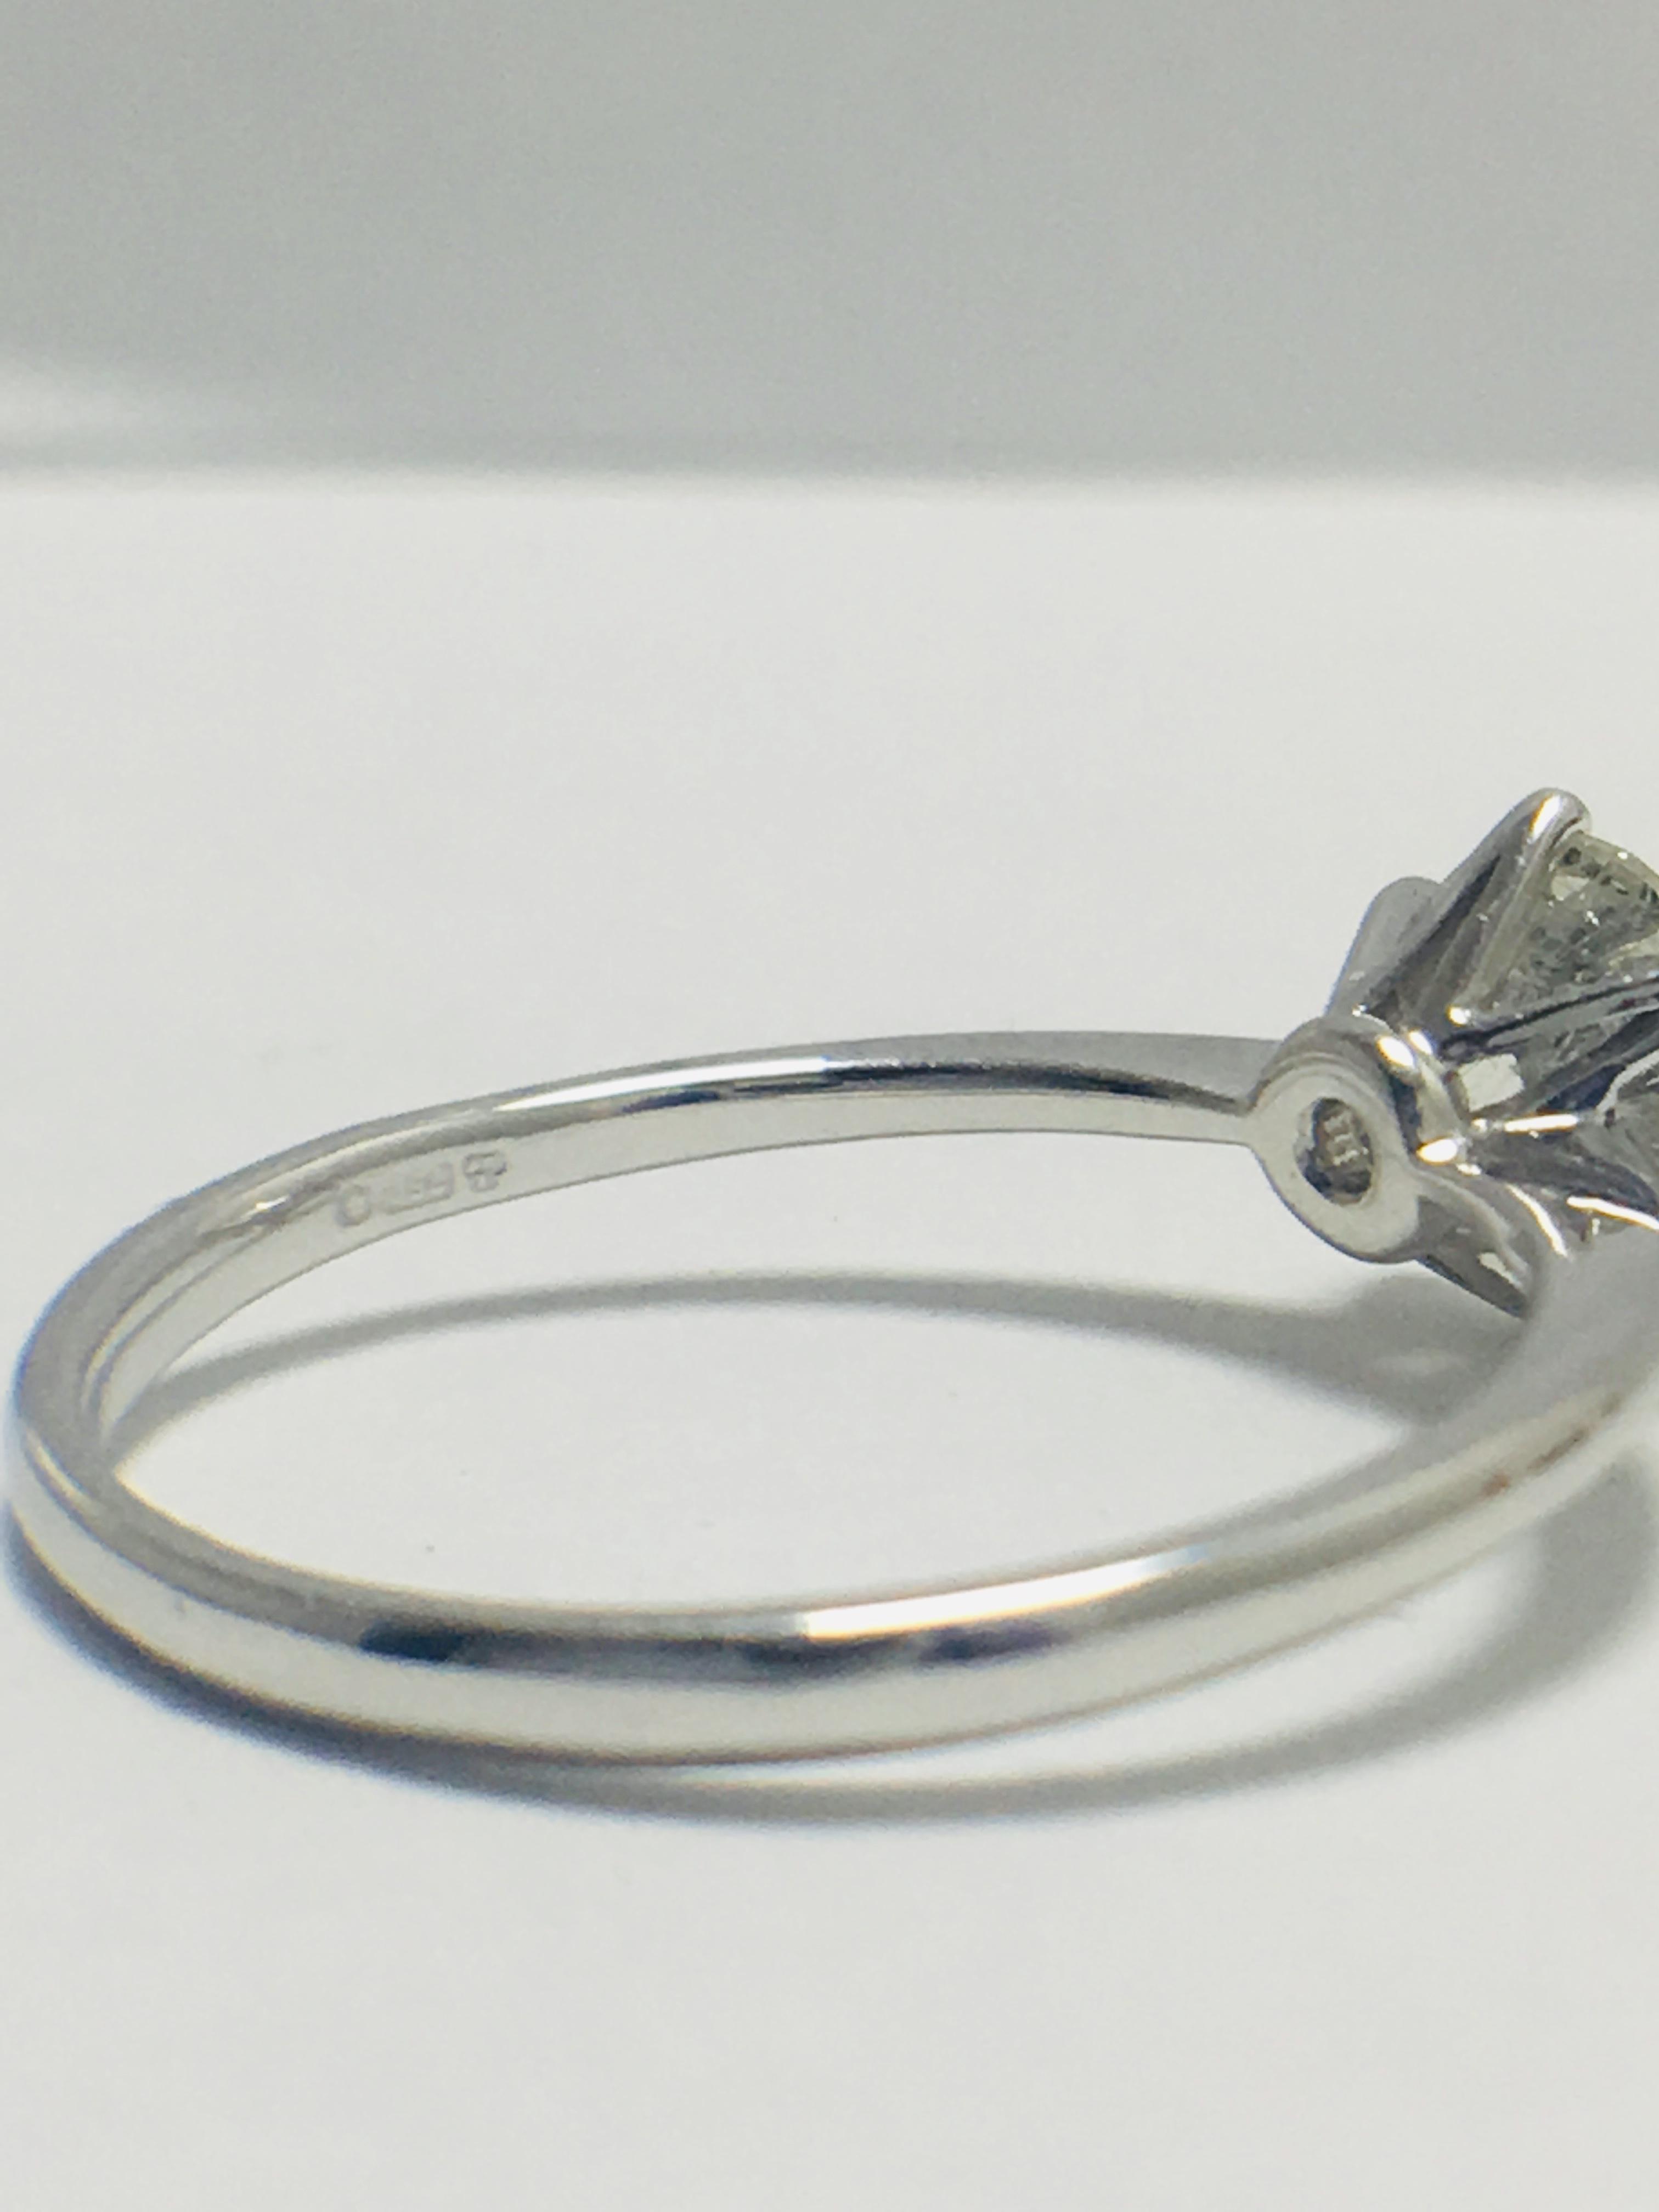 1ct platinum Diamond solitaire ring - Image 6 of 10